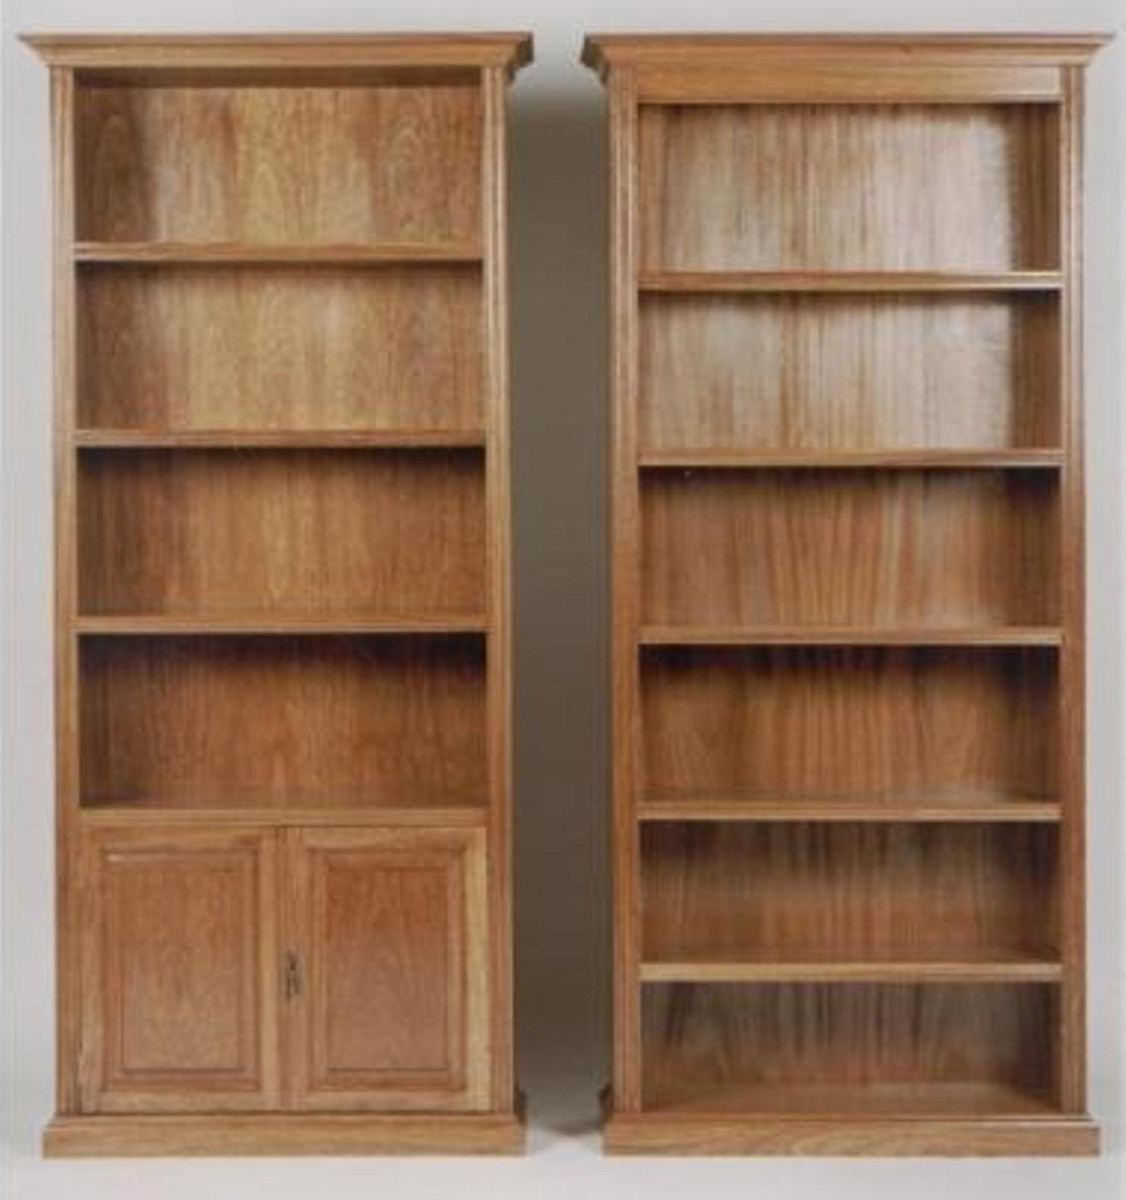 Bibliotecas En Roble.s/puertas. Mattina Muebles - $ 9.950,00 en ...